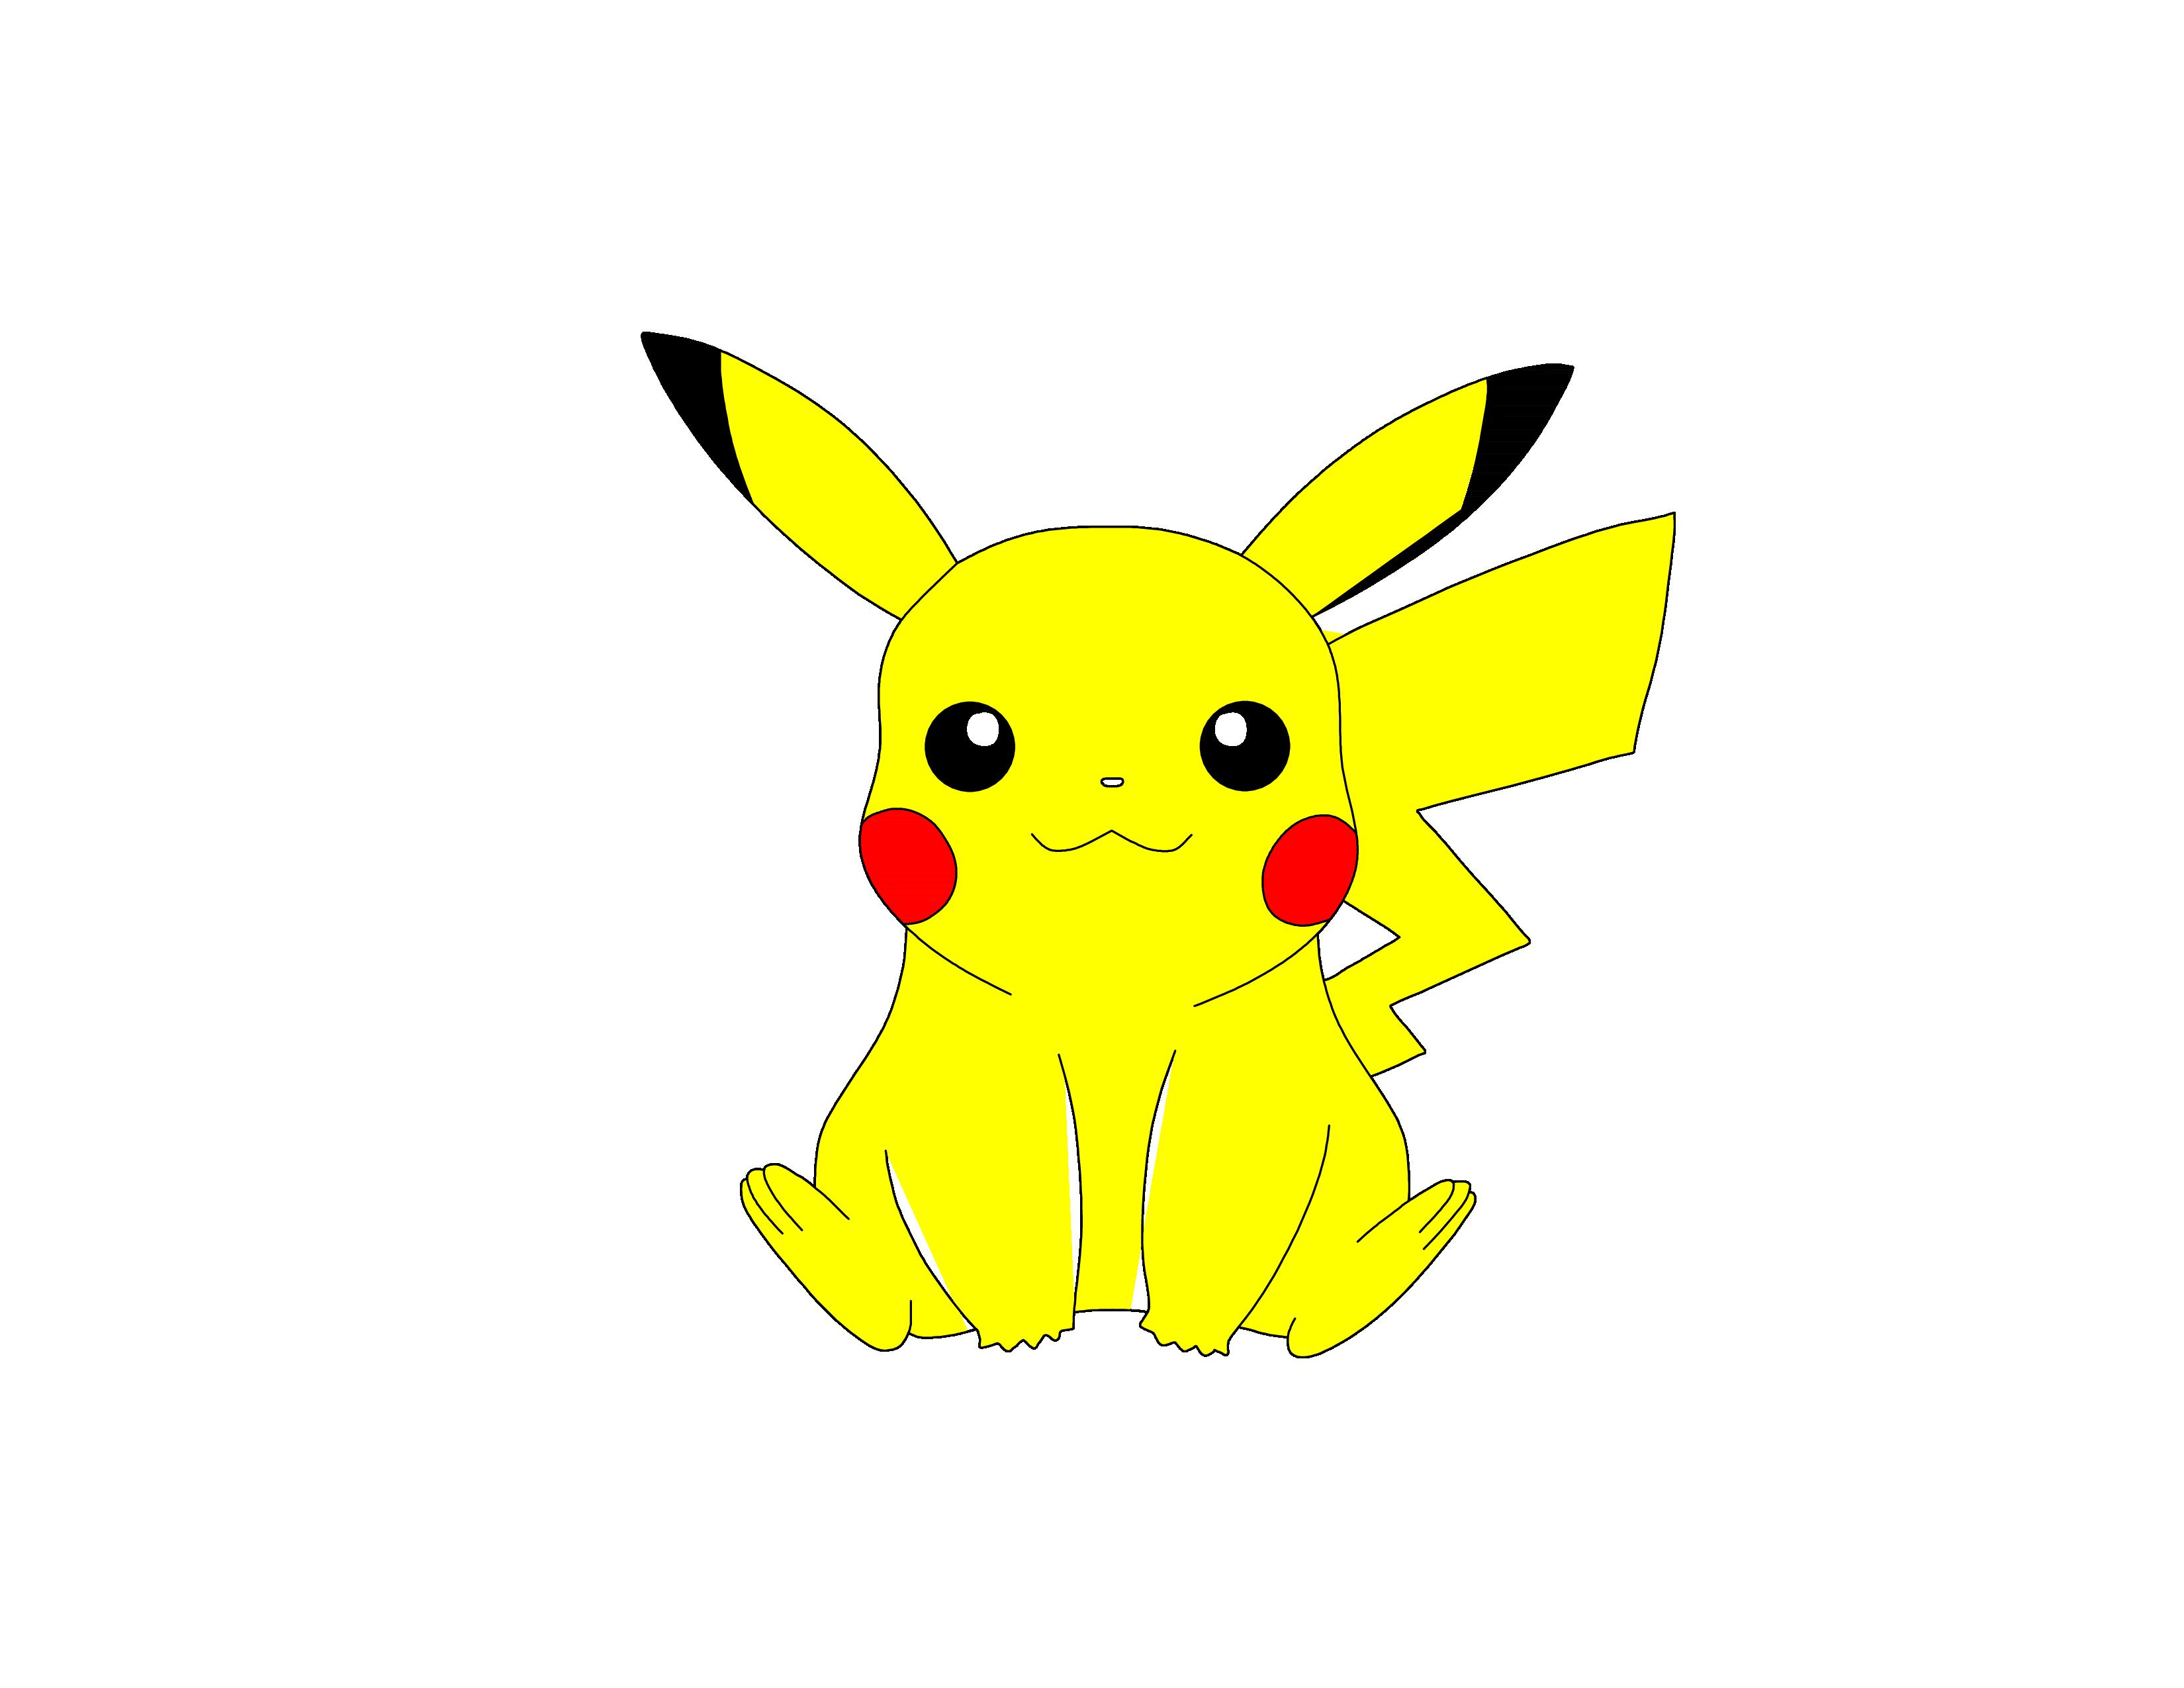 How to draw Pokémon Pikachu in 10 steps · Windingpathsart.com